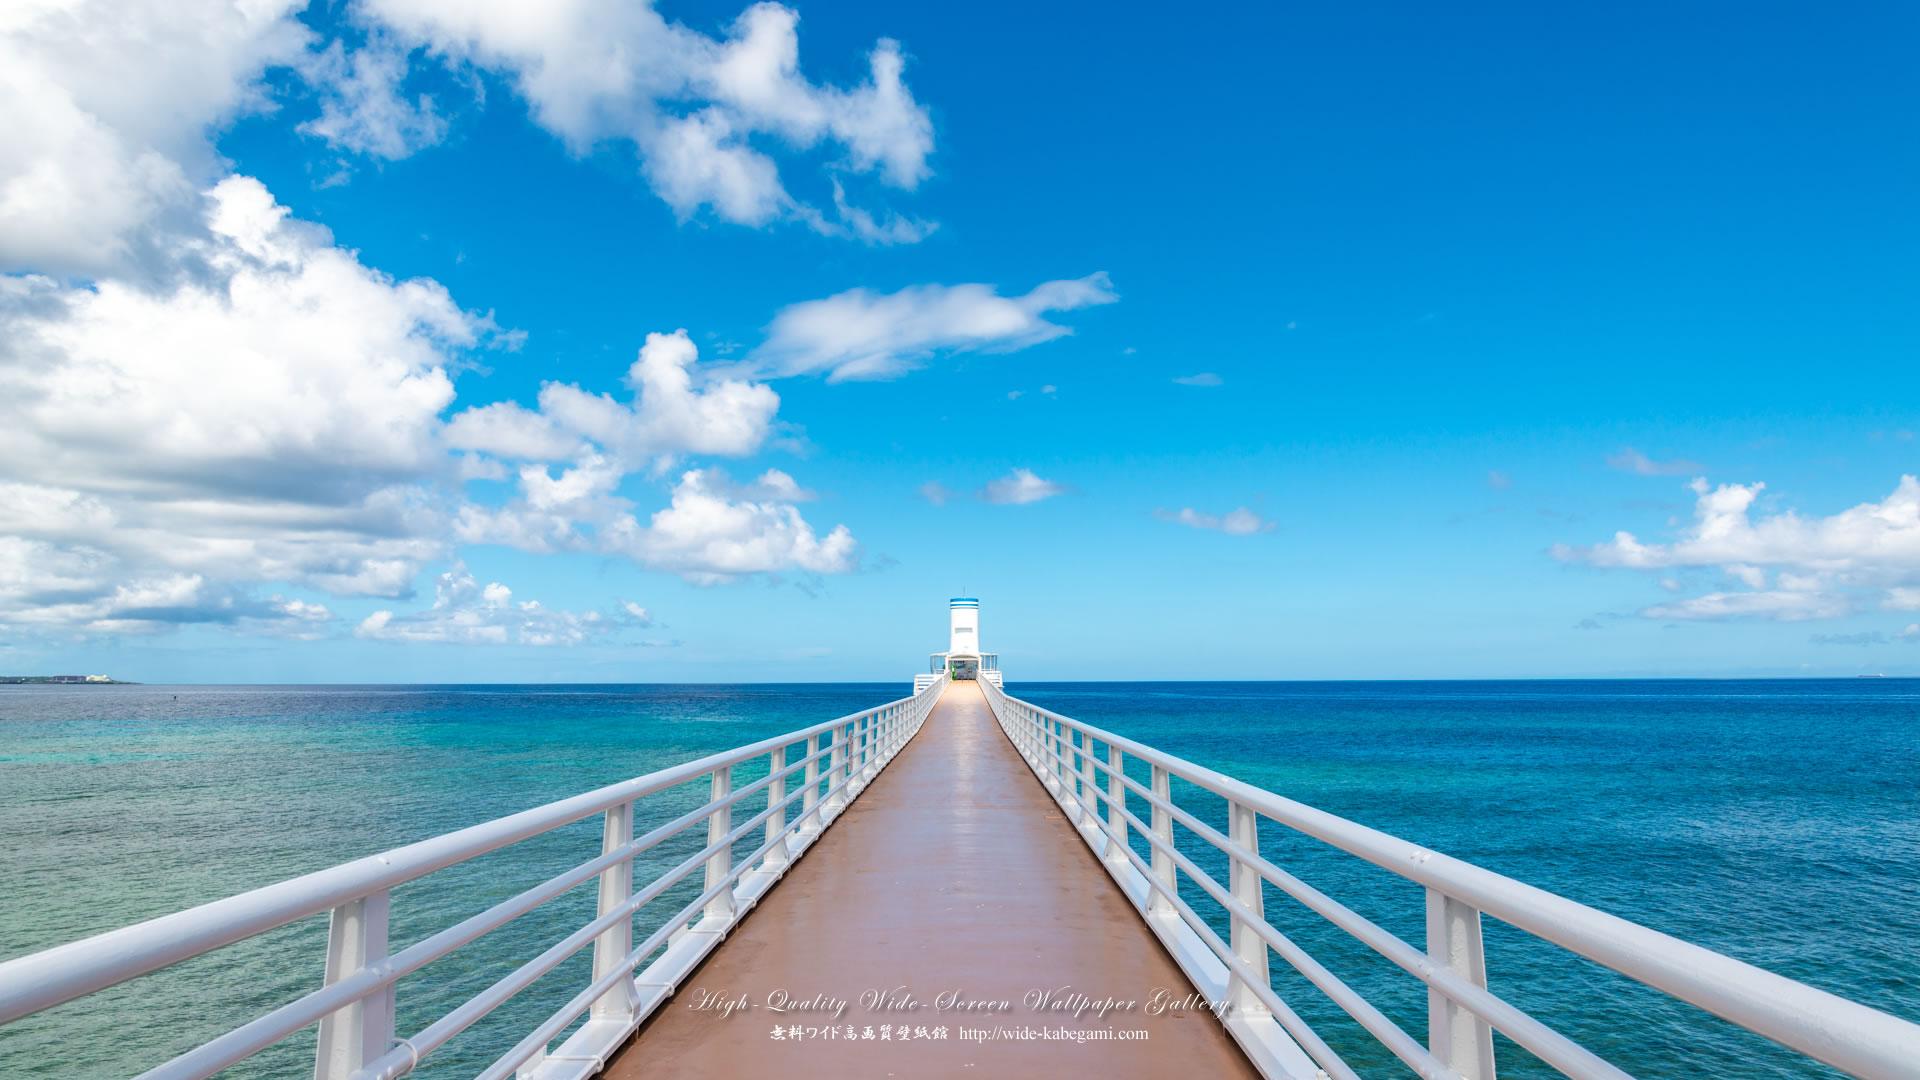 自然風景のワイド壁紙 19x1080 沖縄 ブセナ海中展望塔 無料ワイド高画質壁紙館